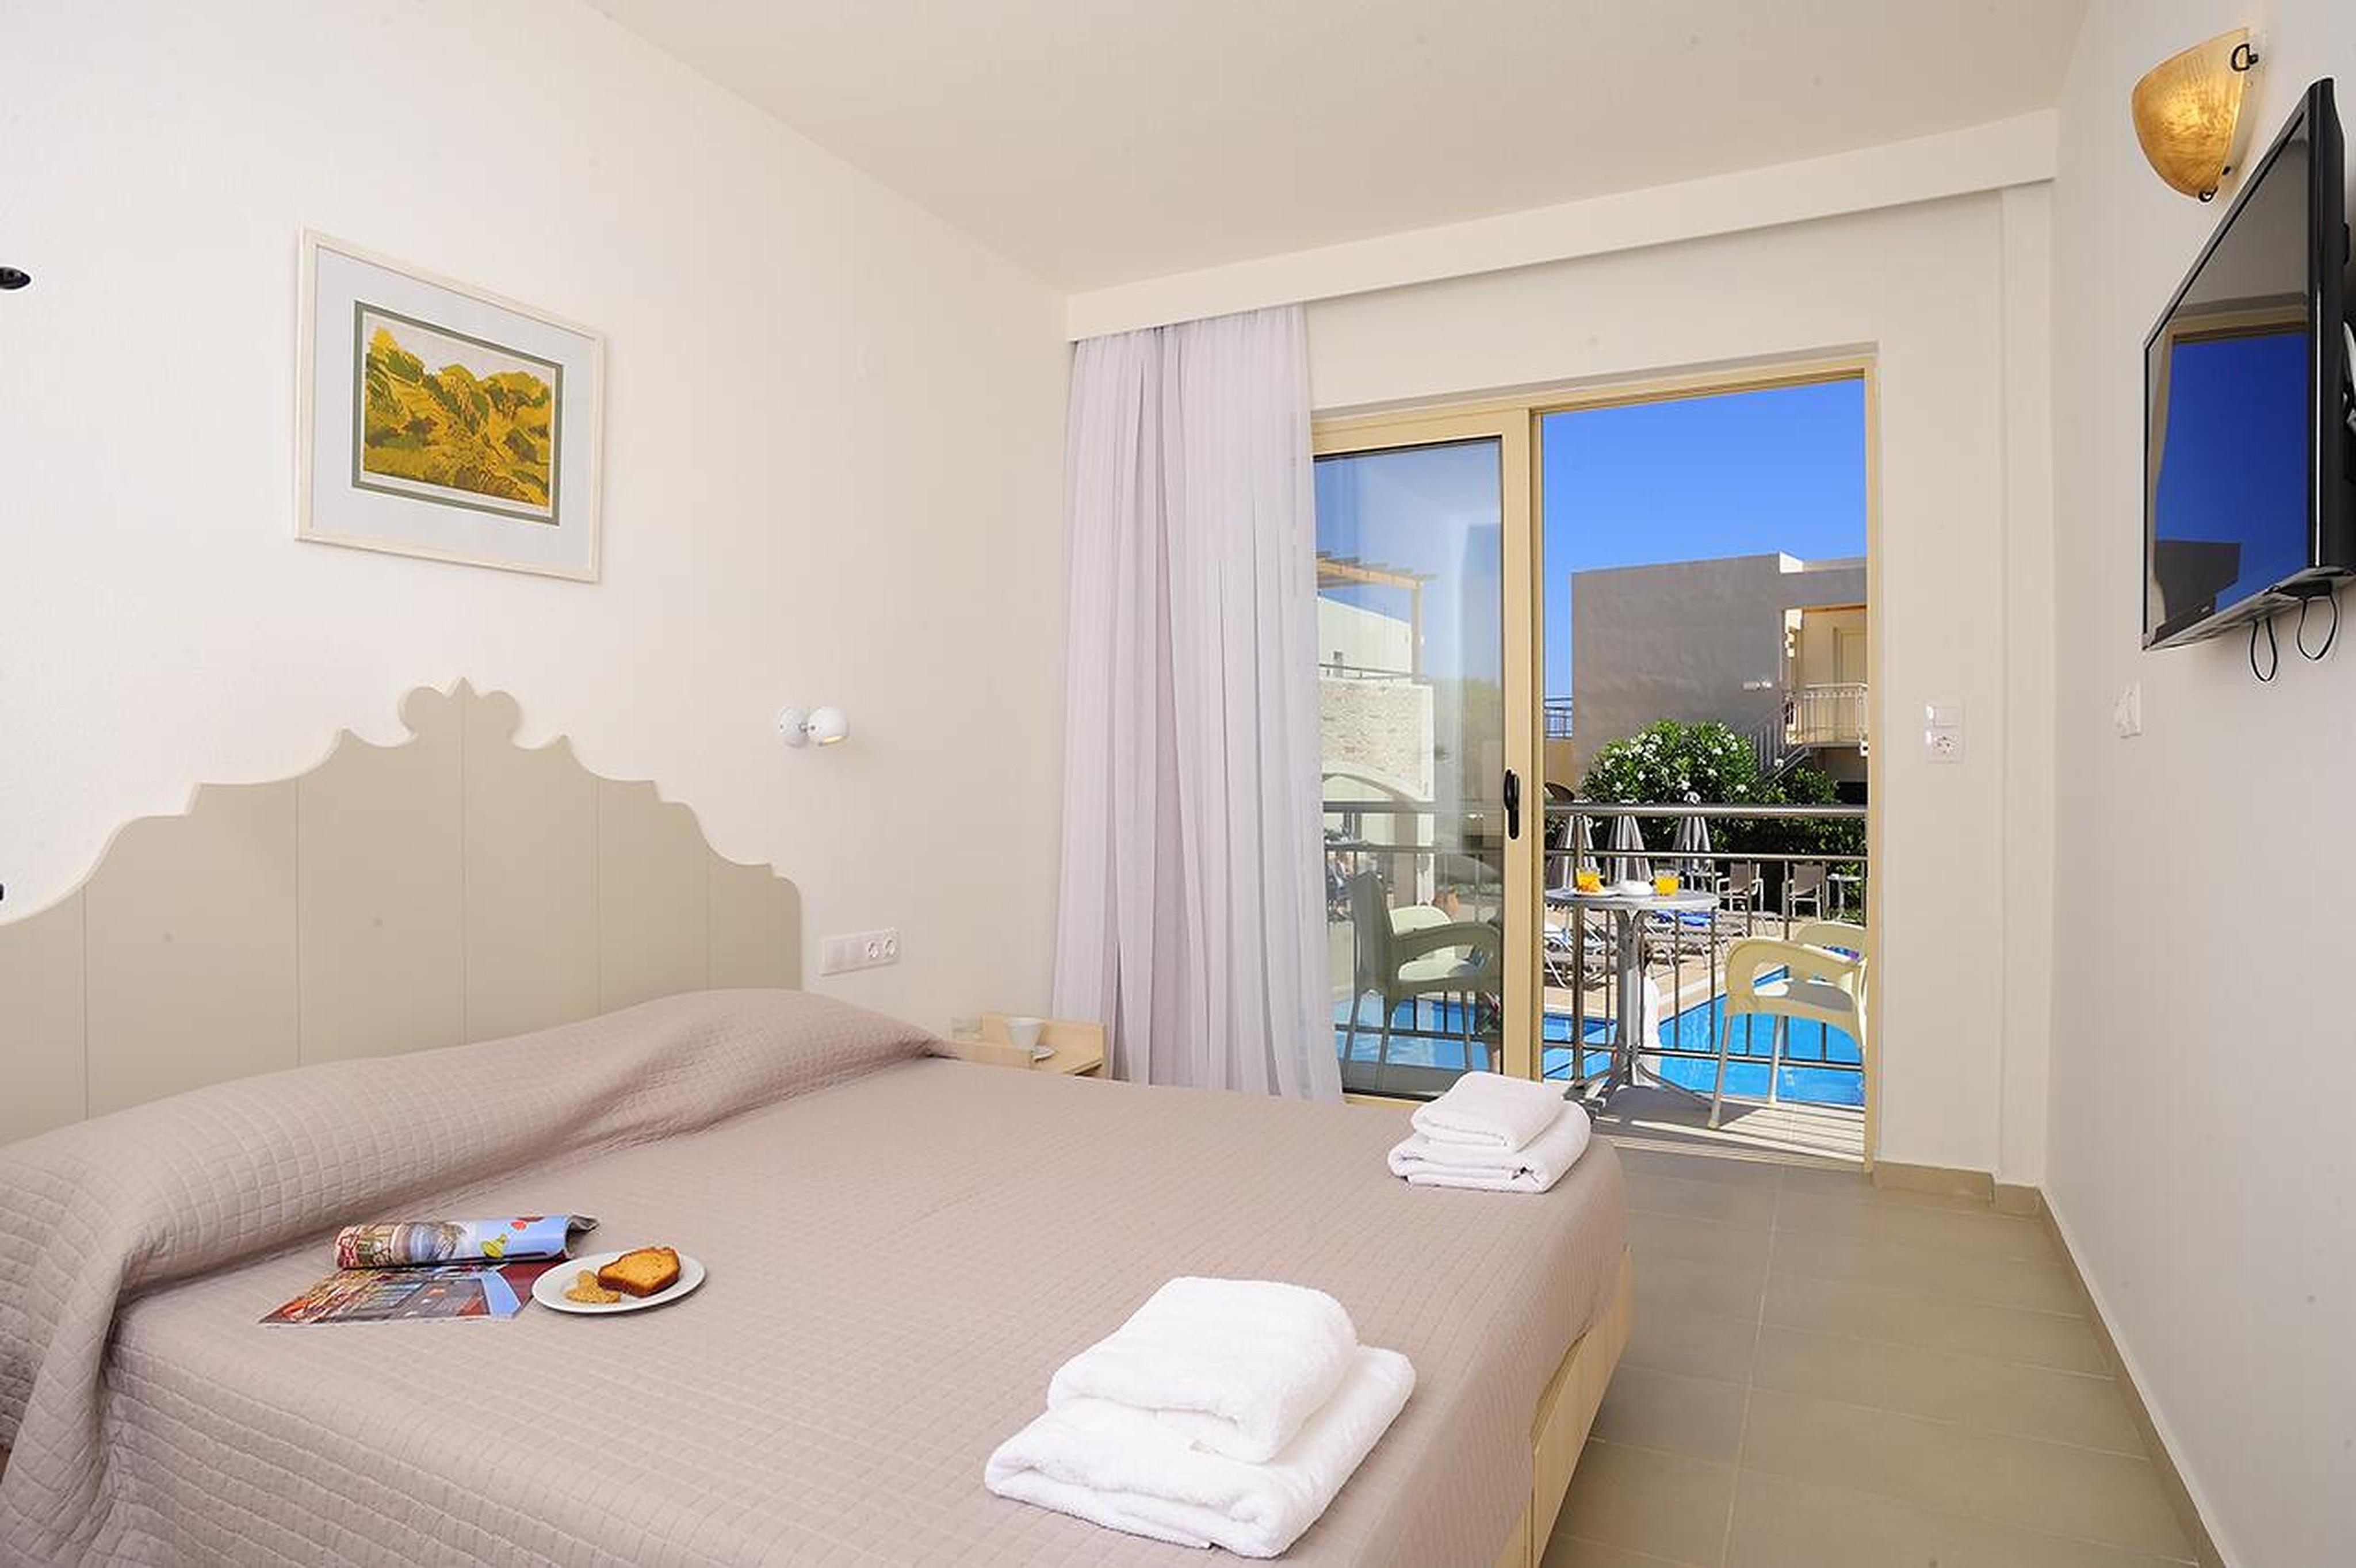 Maravel Star Art Hotel Schones Zimmer fur bis zu 3 Personen am Strand